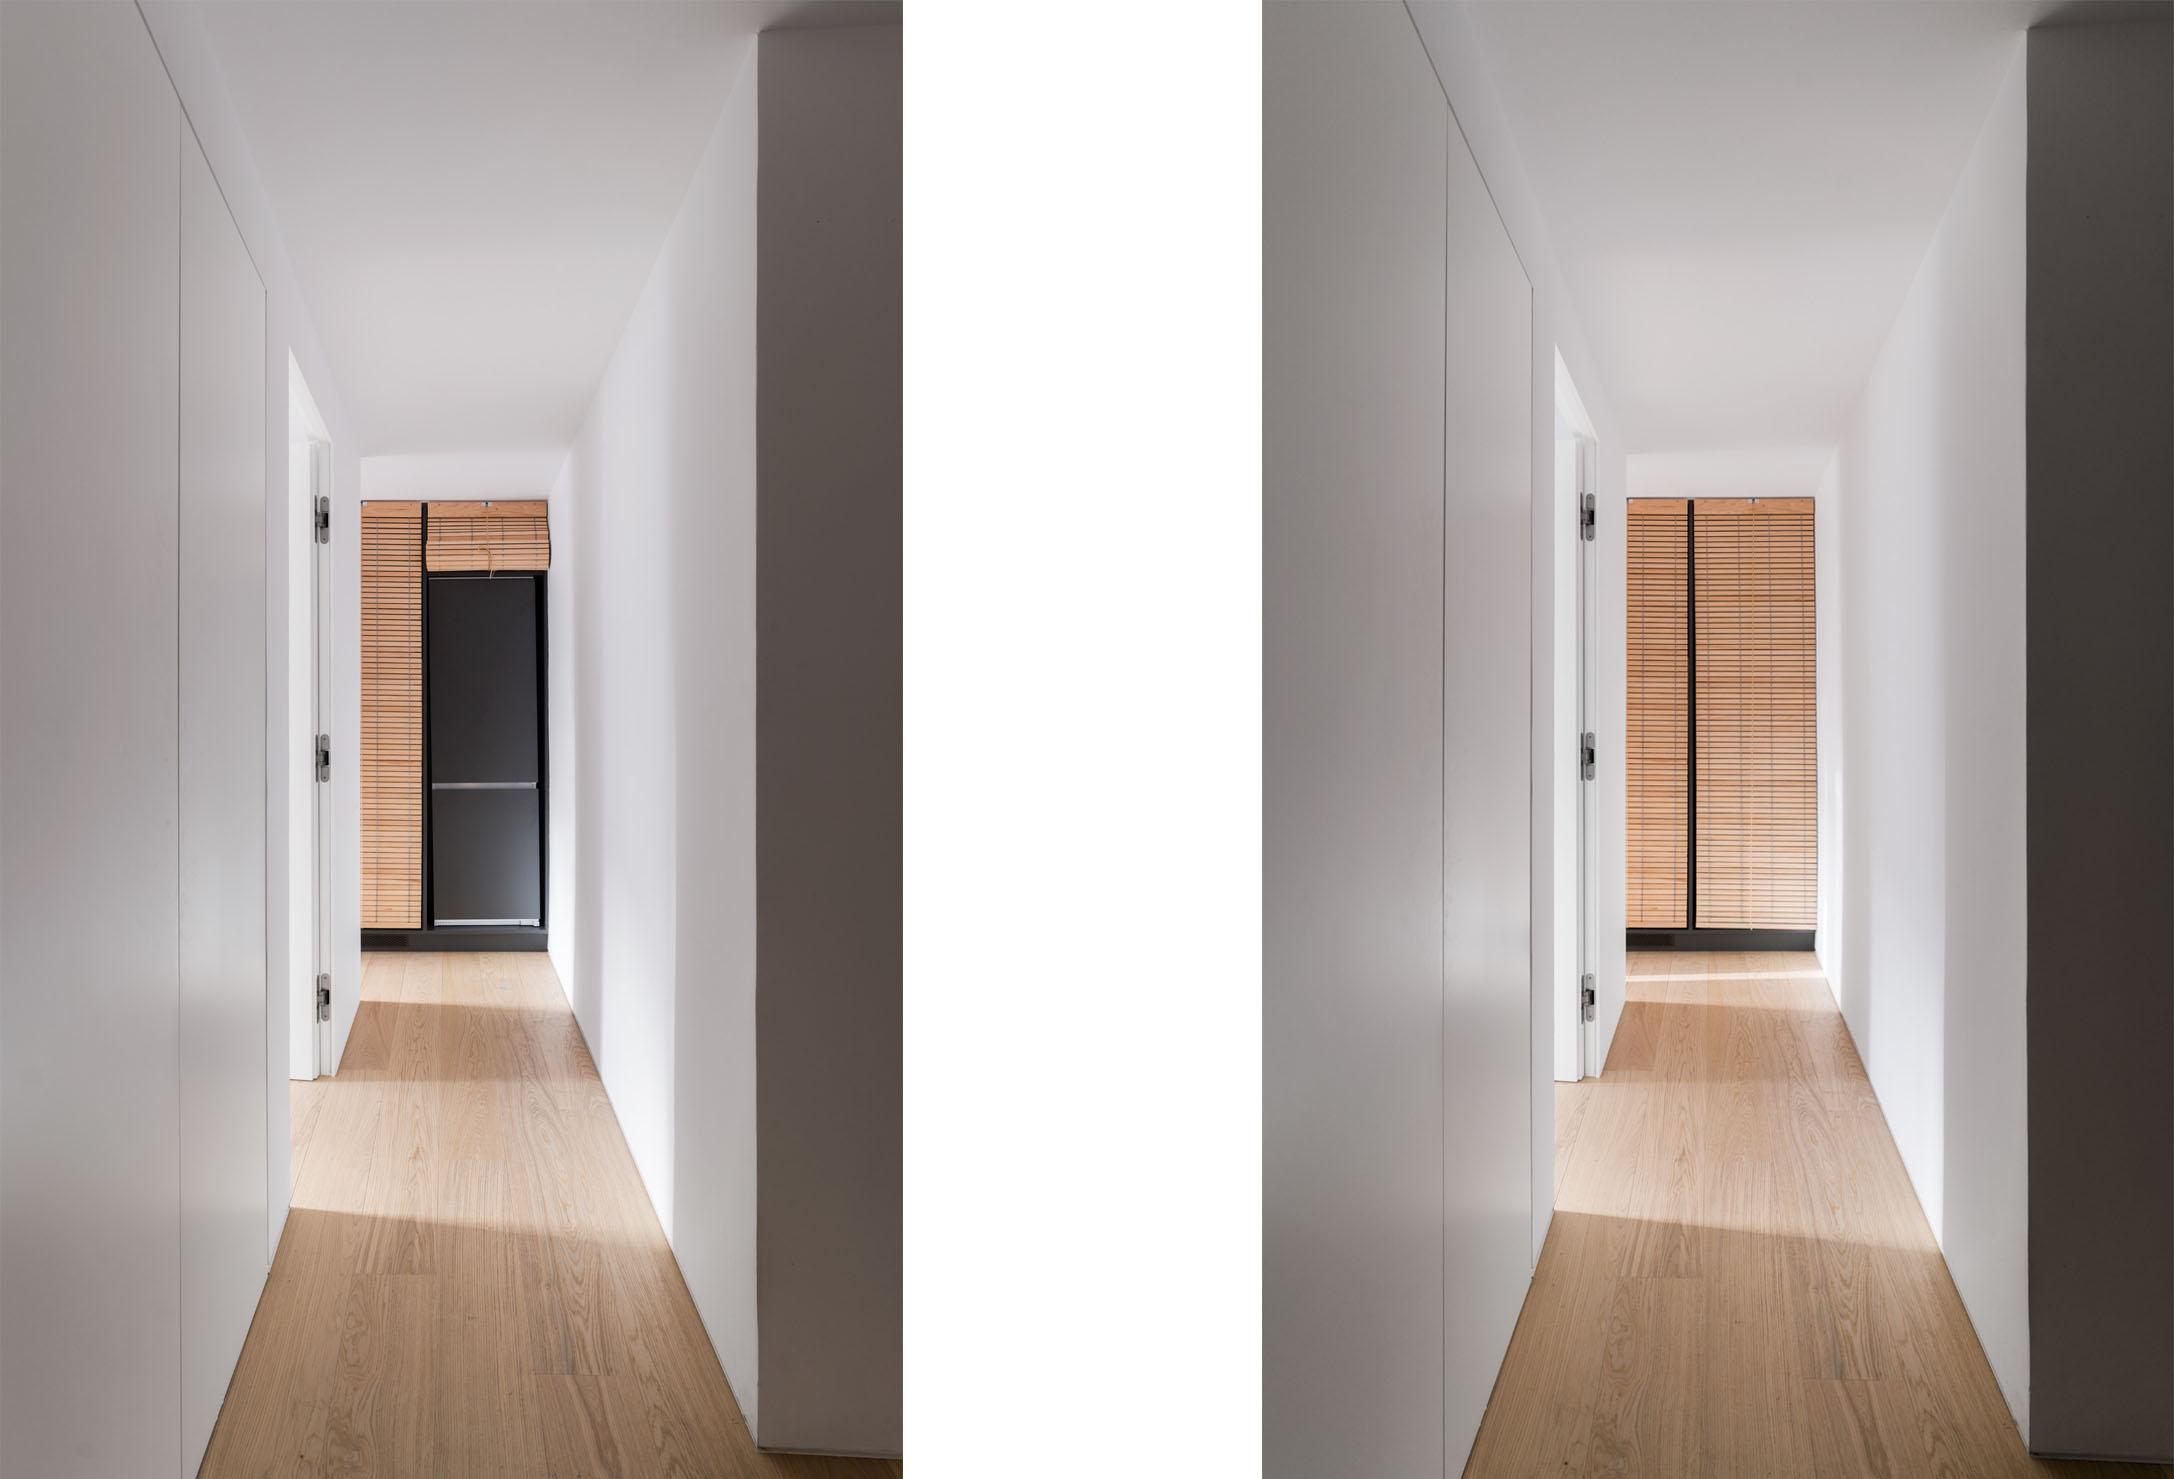 arquitectura construccion valencia diseno interior